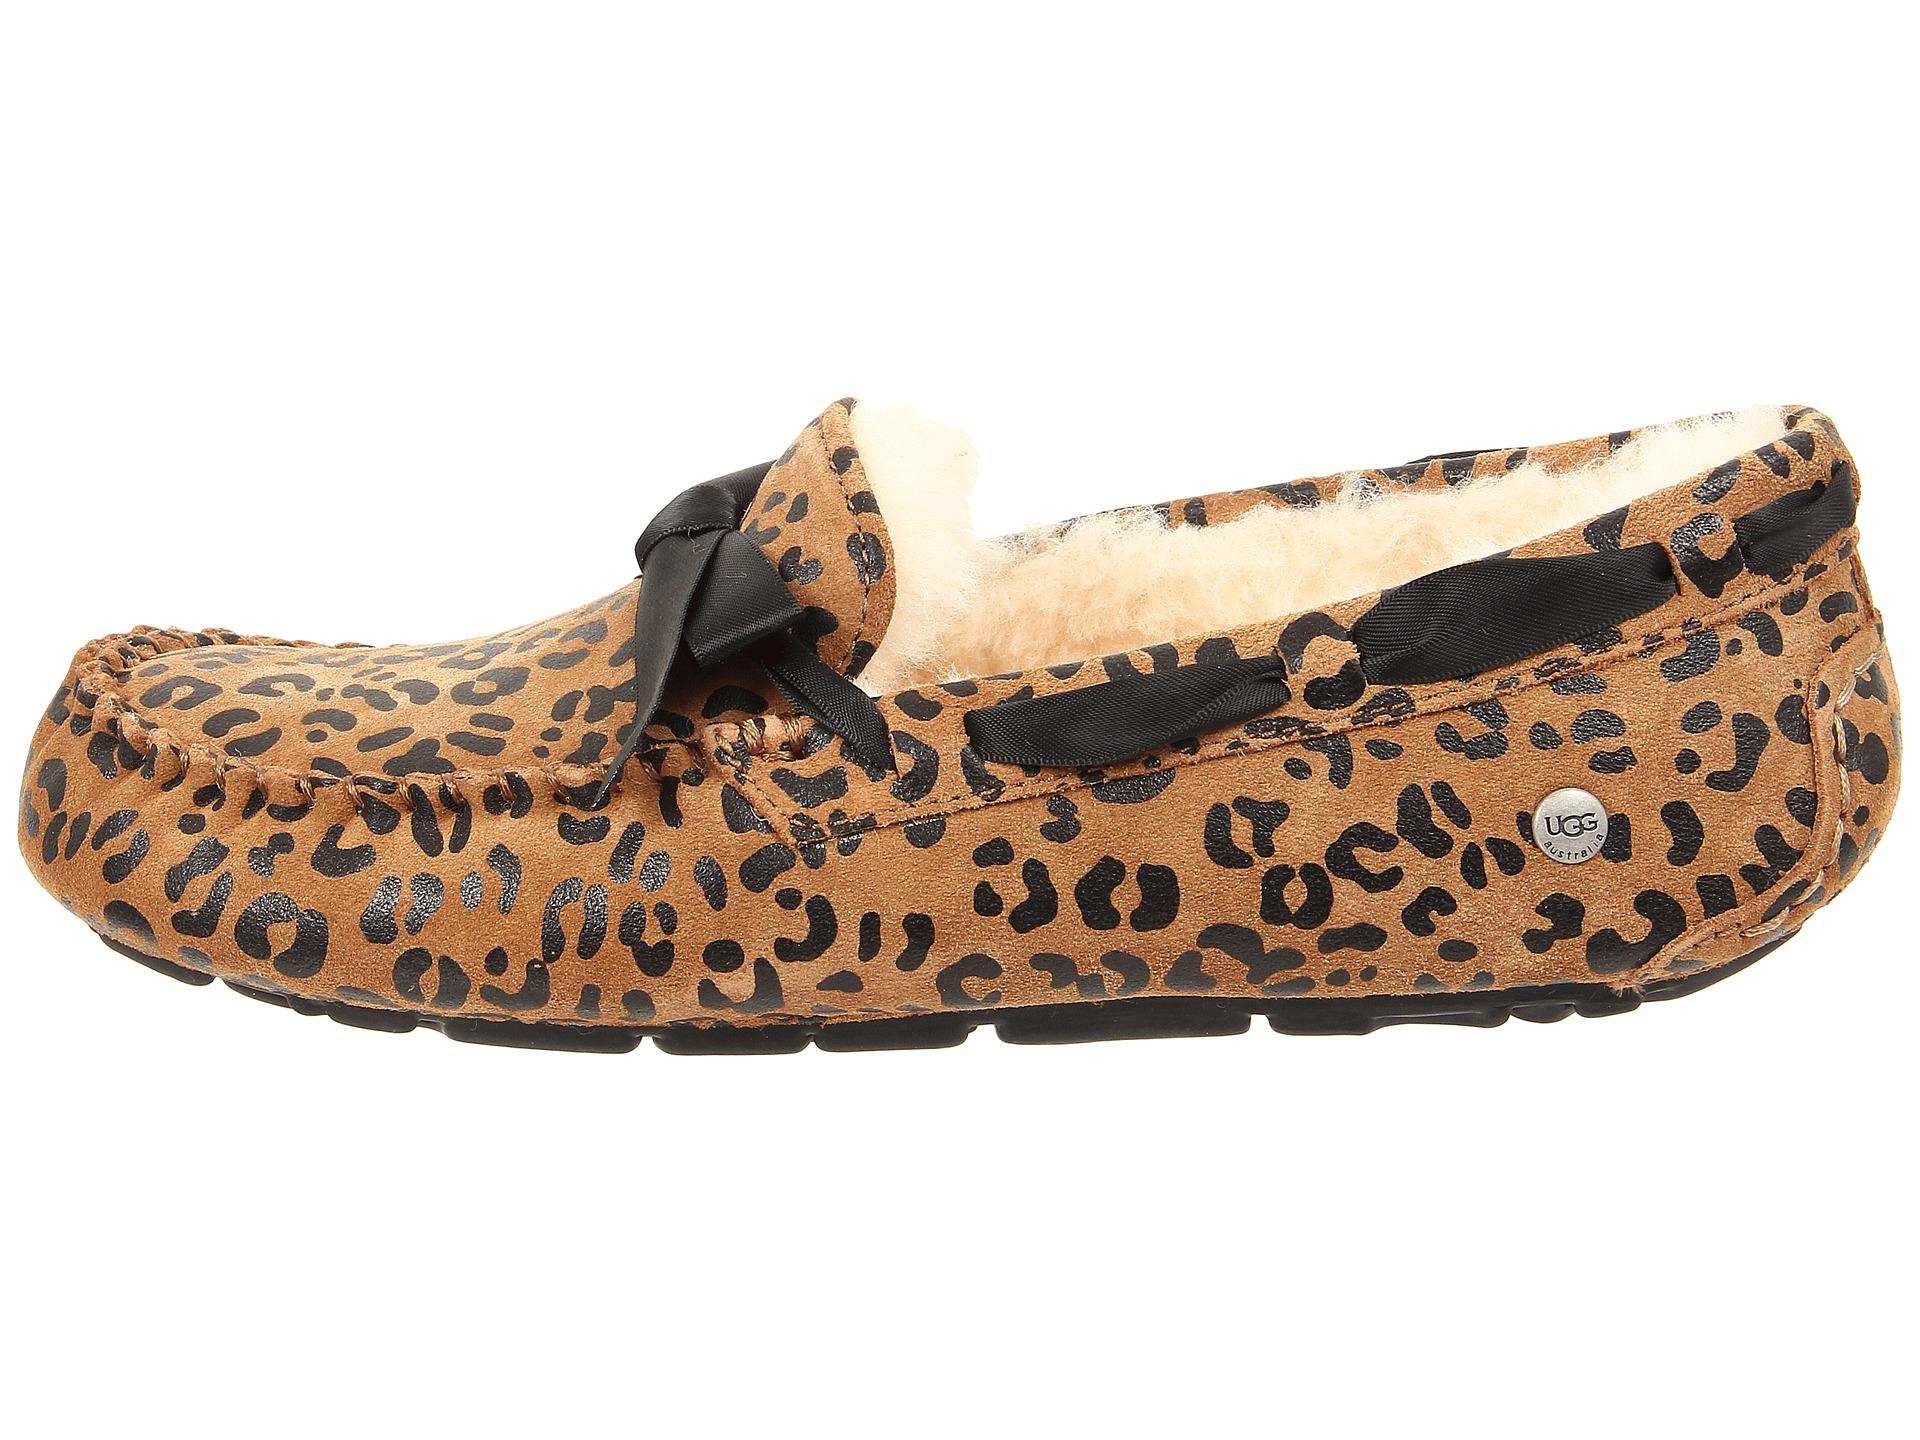 b311d489986 Ugg Dakota Leopard - cheap watches mgc-gas.com